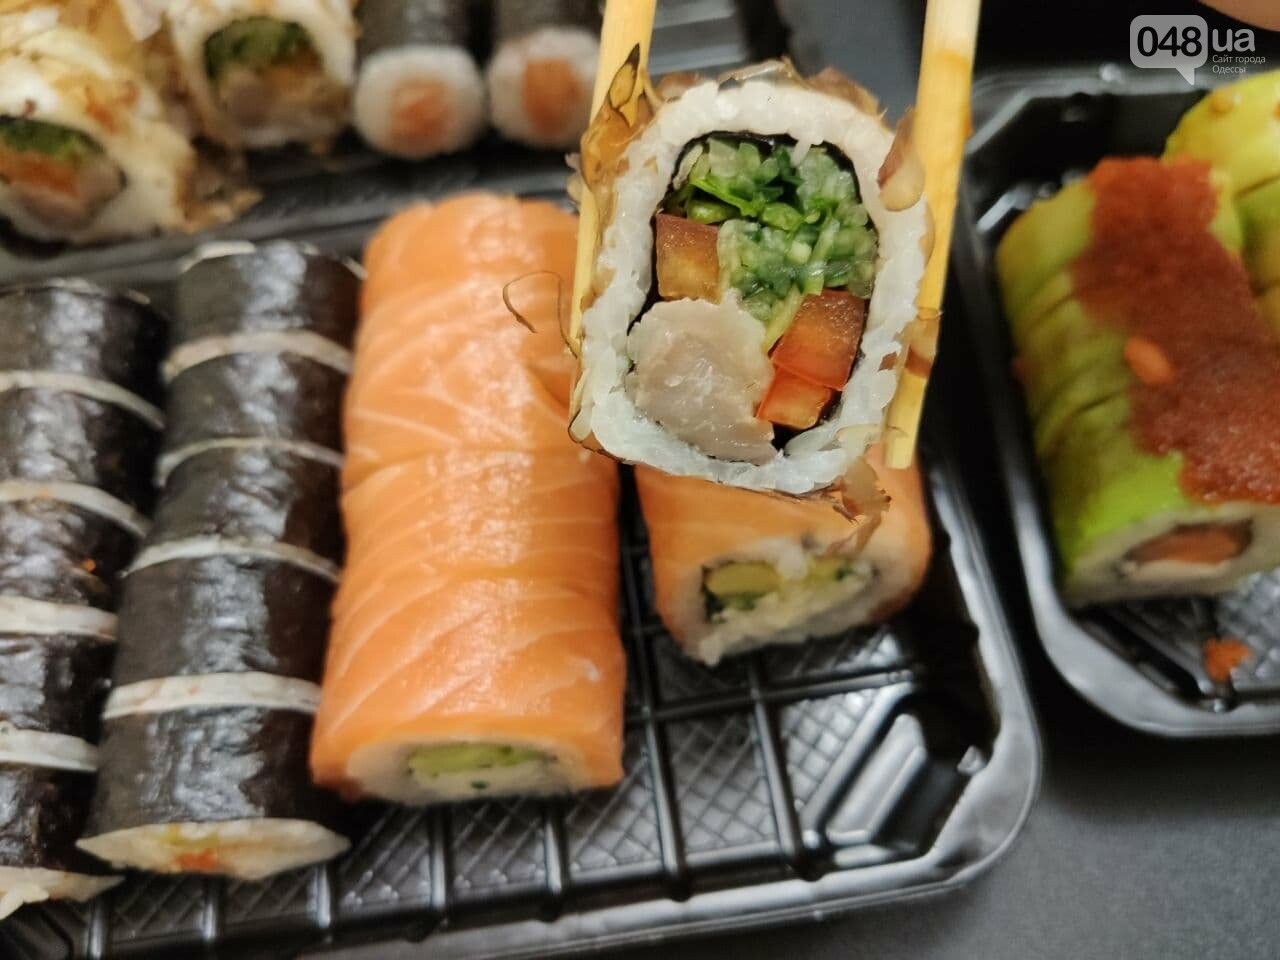 Тестируем доставку килограммового набора роллов из популярной сети суши-баров в Одессе, - ФОТО, фото-6